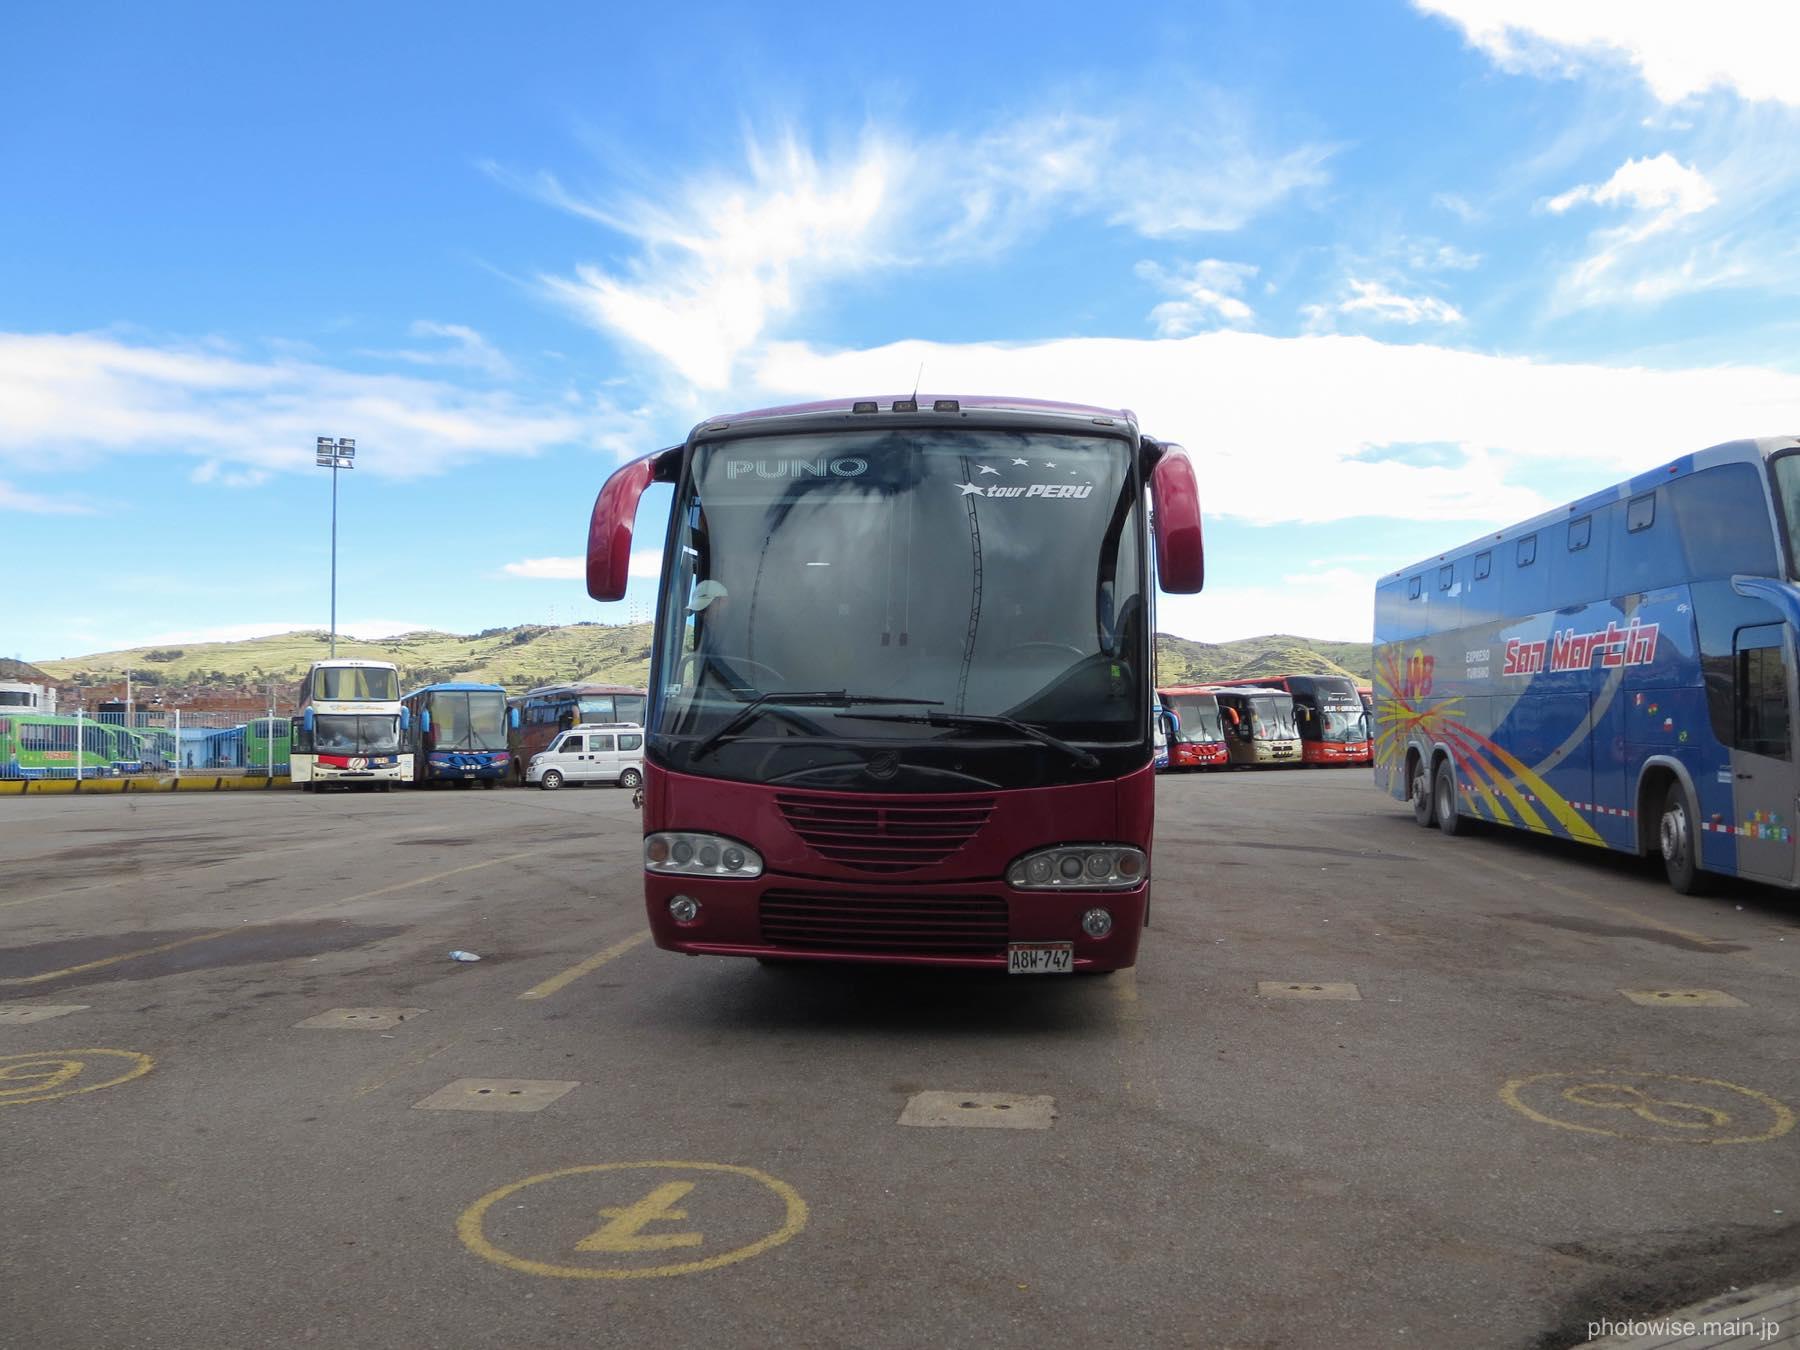 クスコ行きのバス